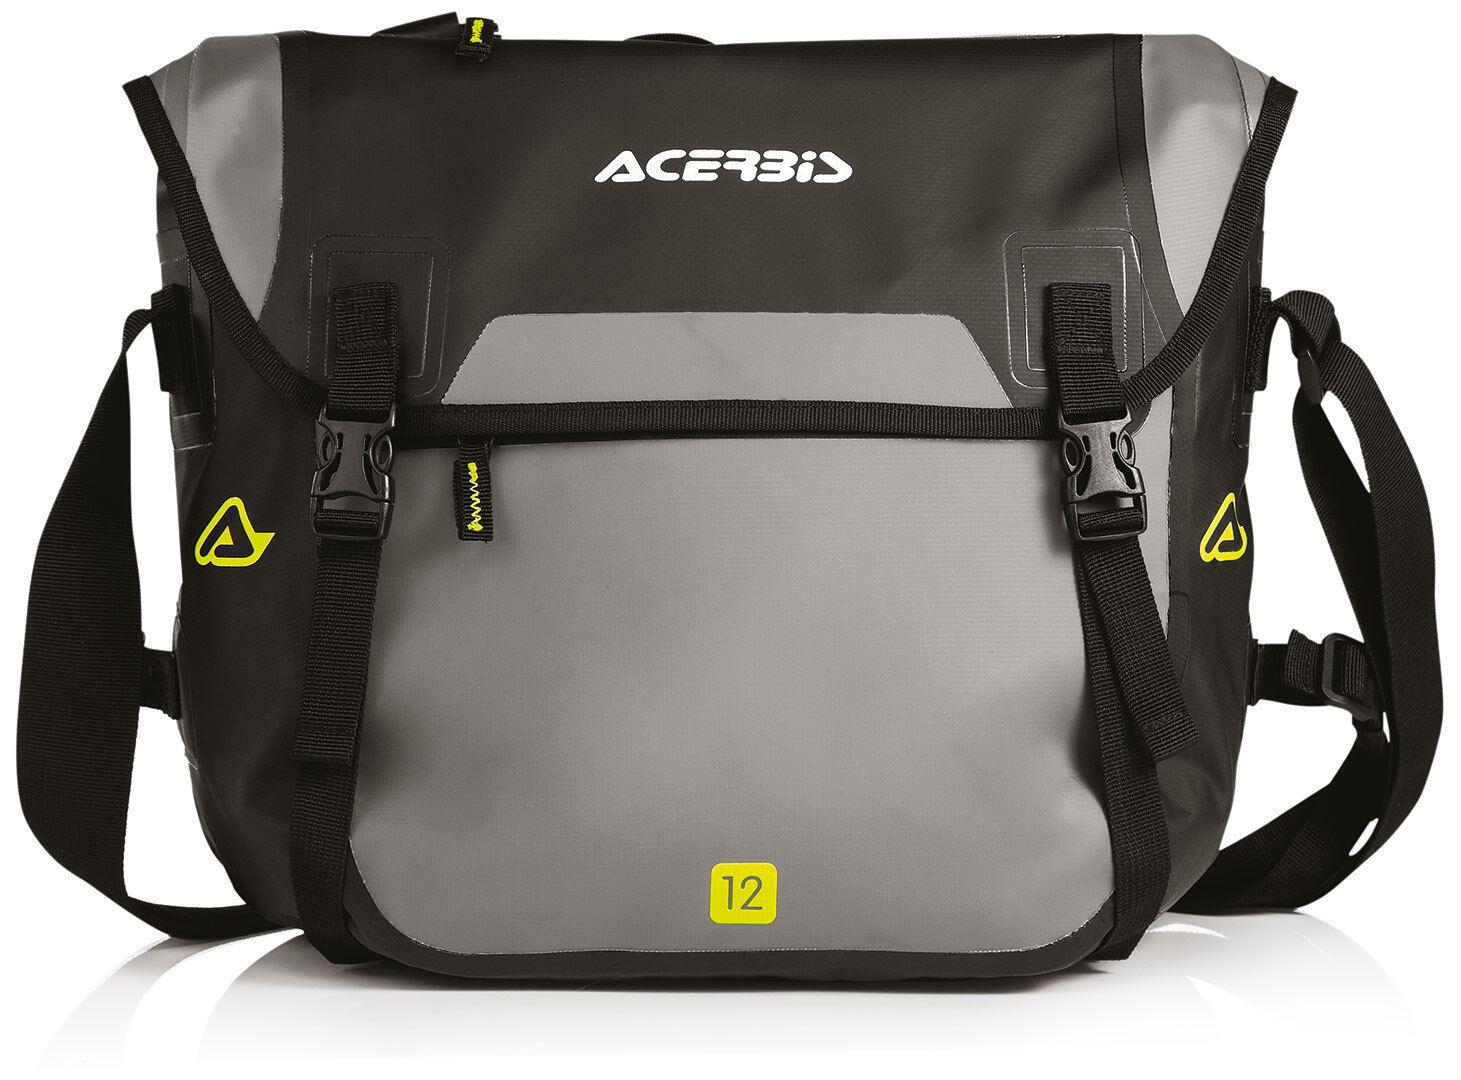 Acerbis No Water sac Noir Gris taille : S 11-20l